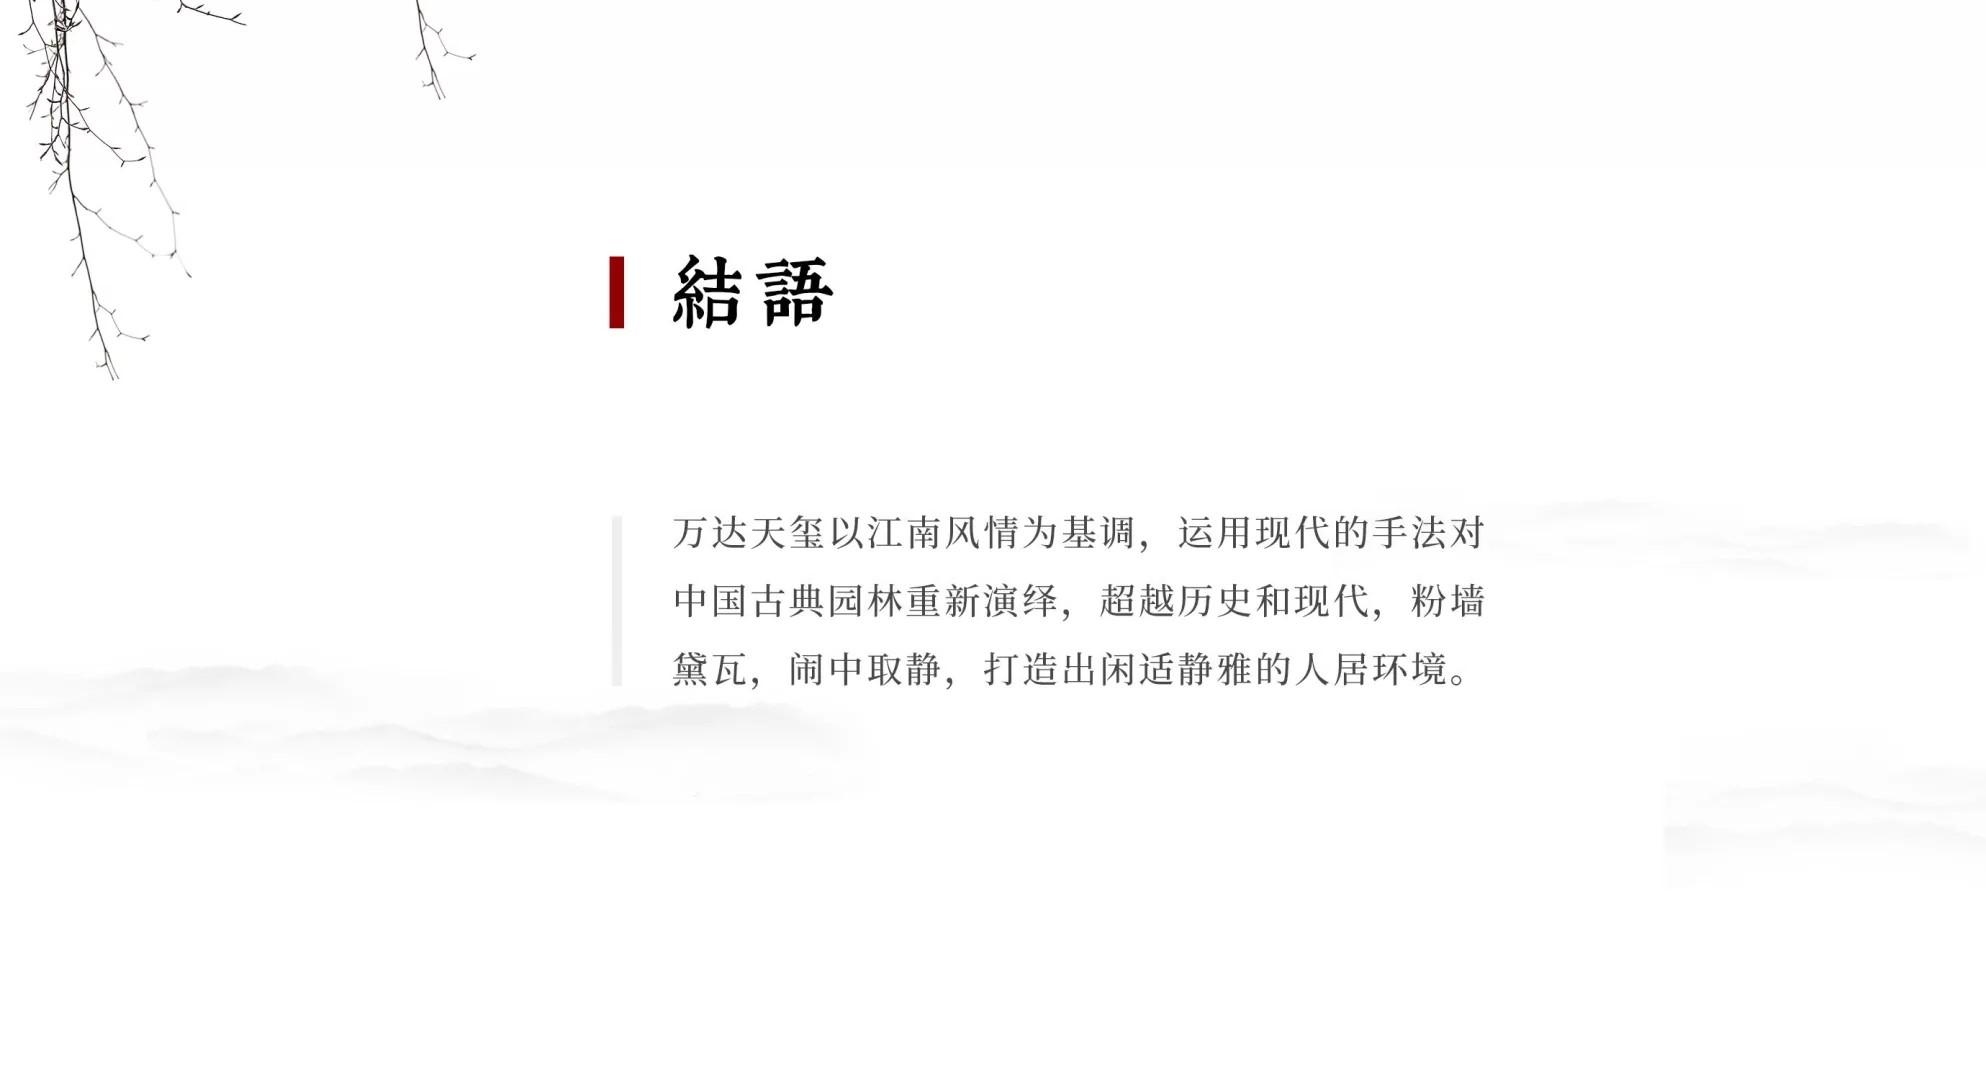 20200102_141638_021.jpg